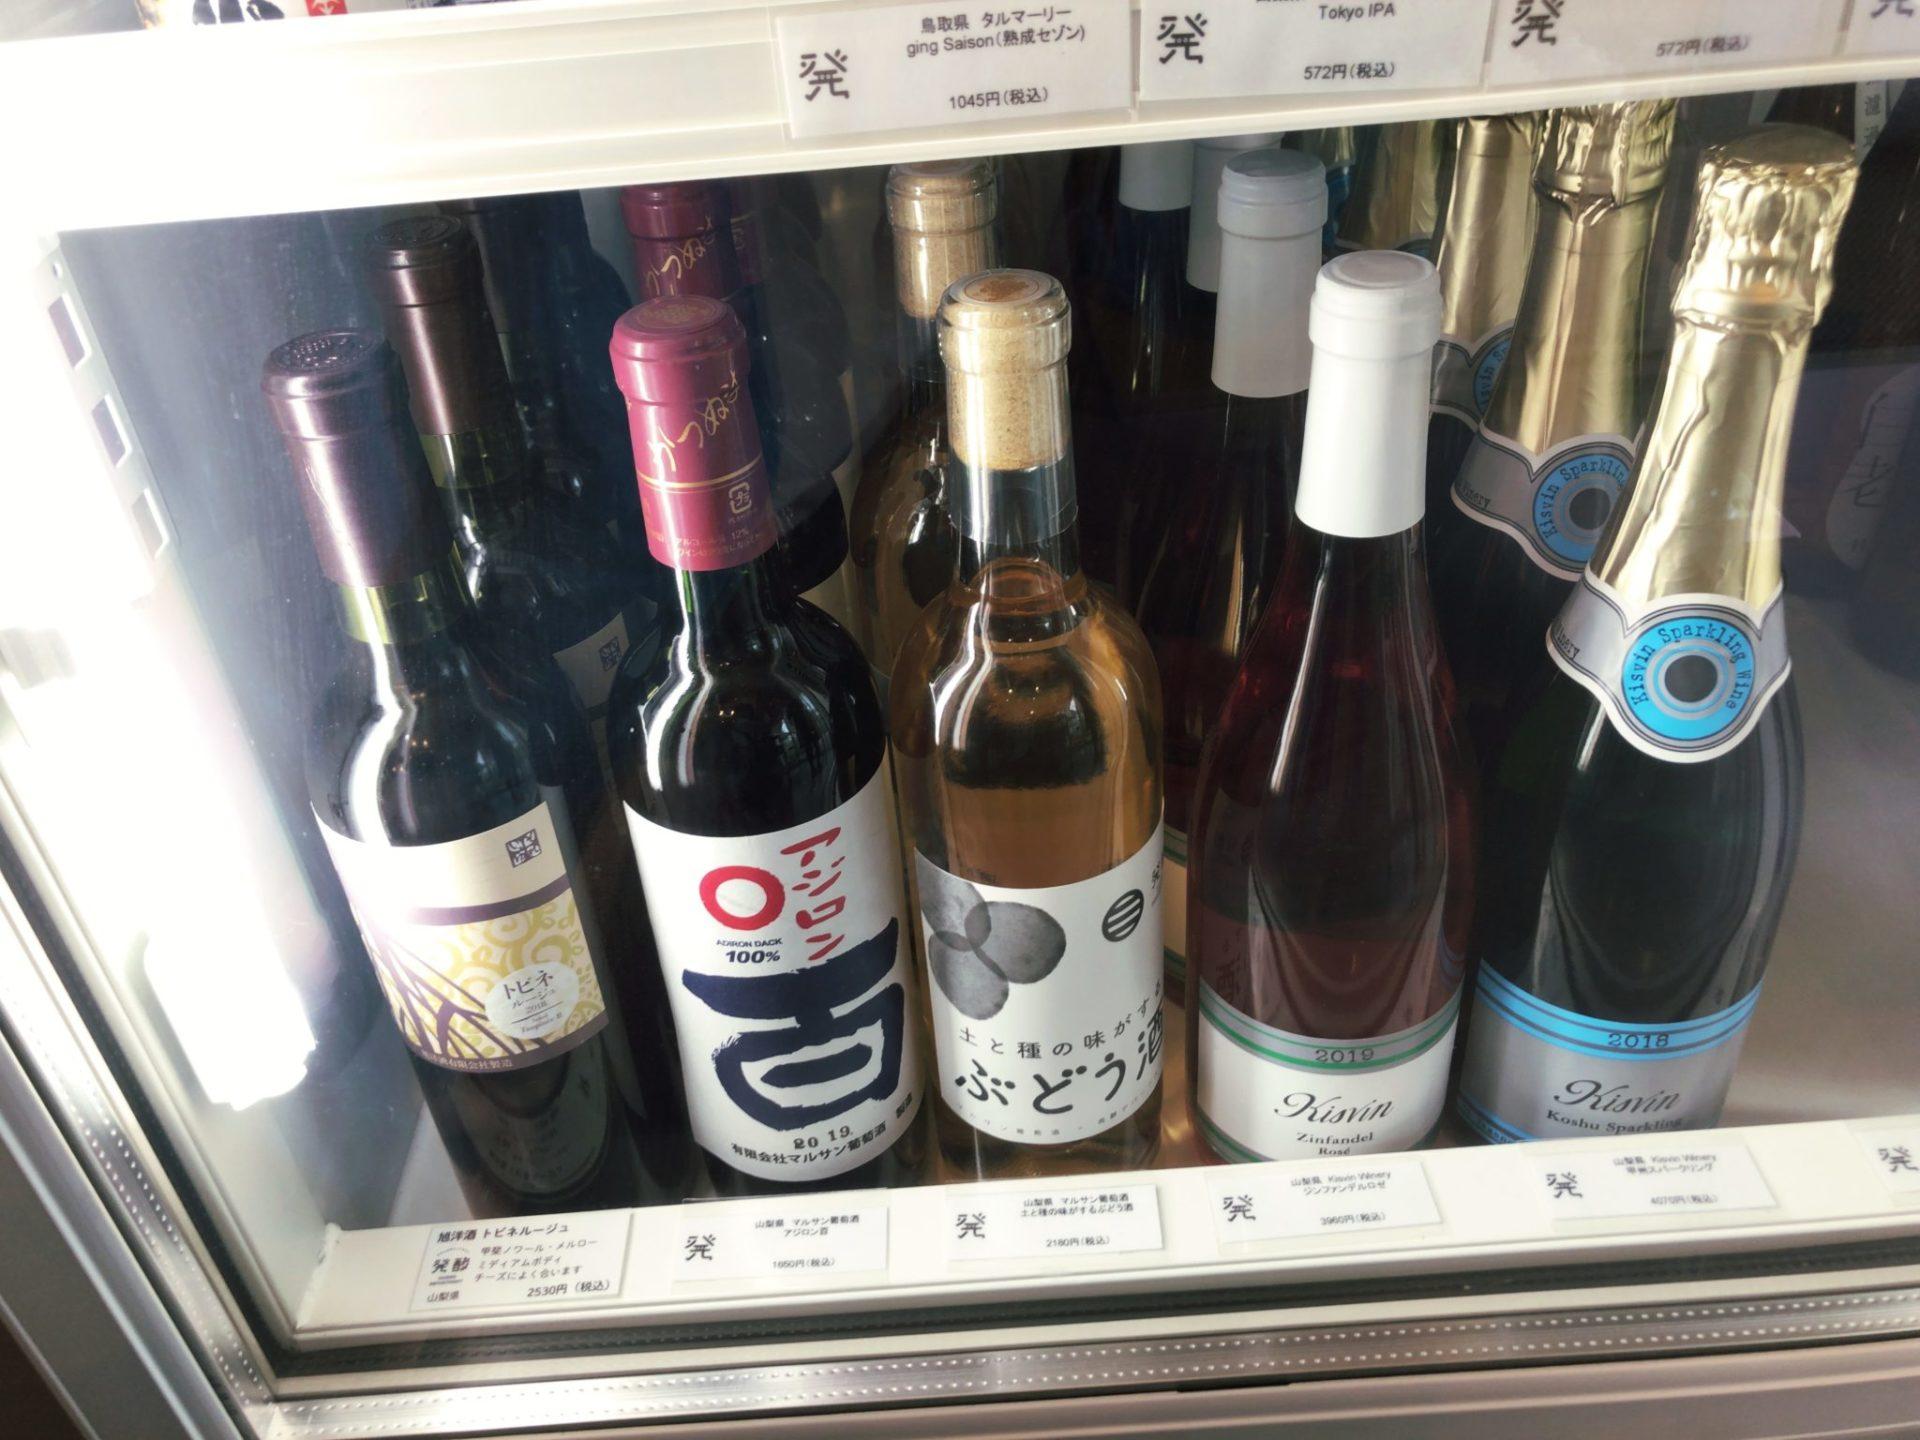 発酵デパートメント下北沢のワイン